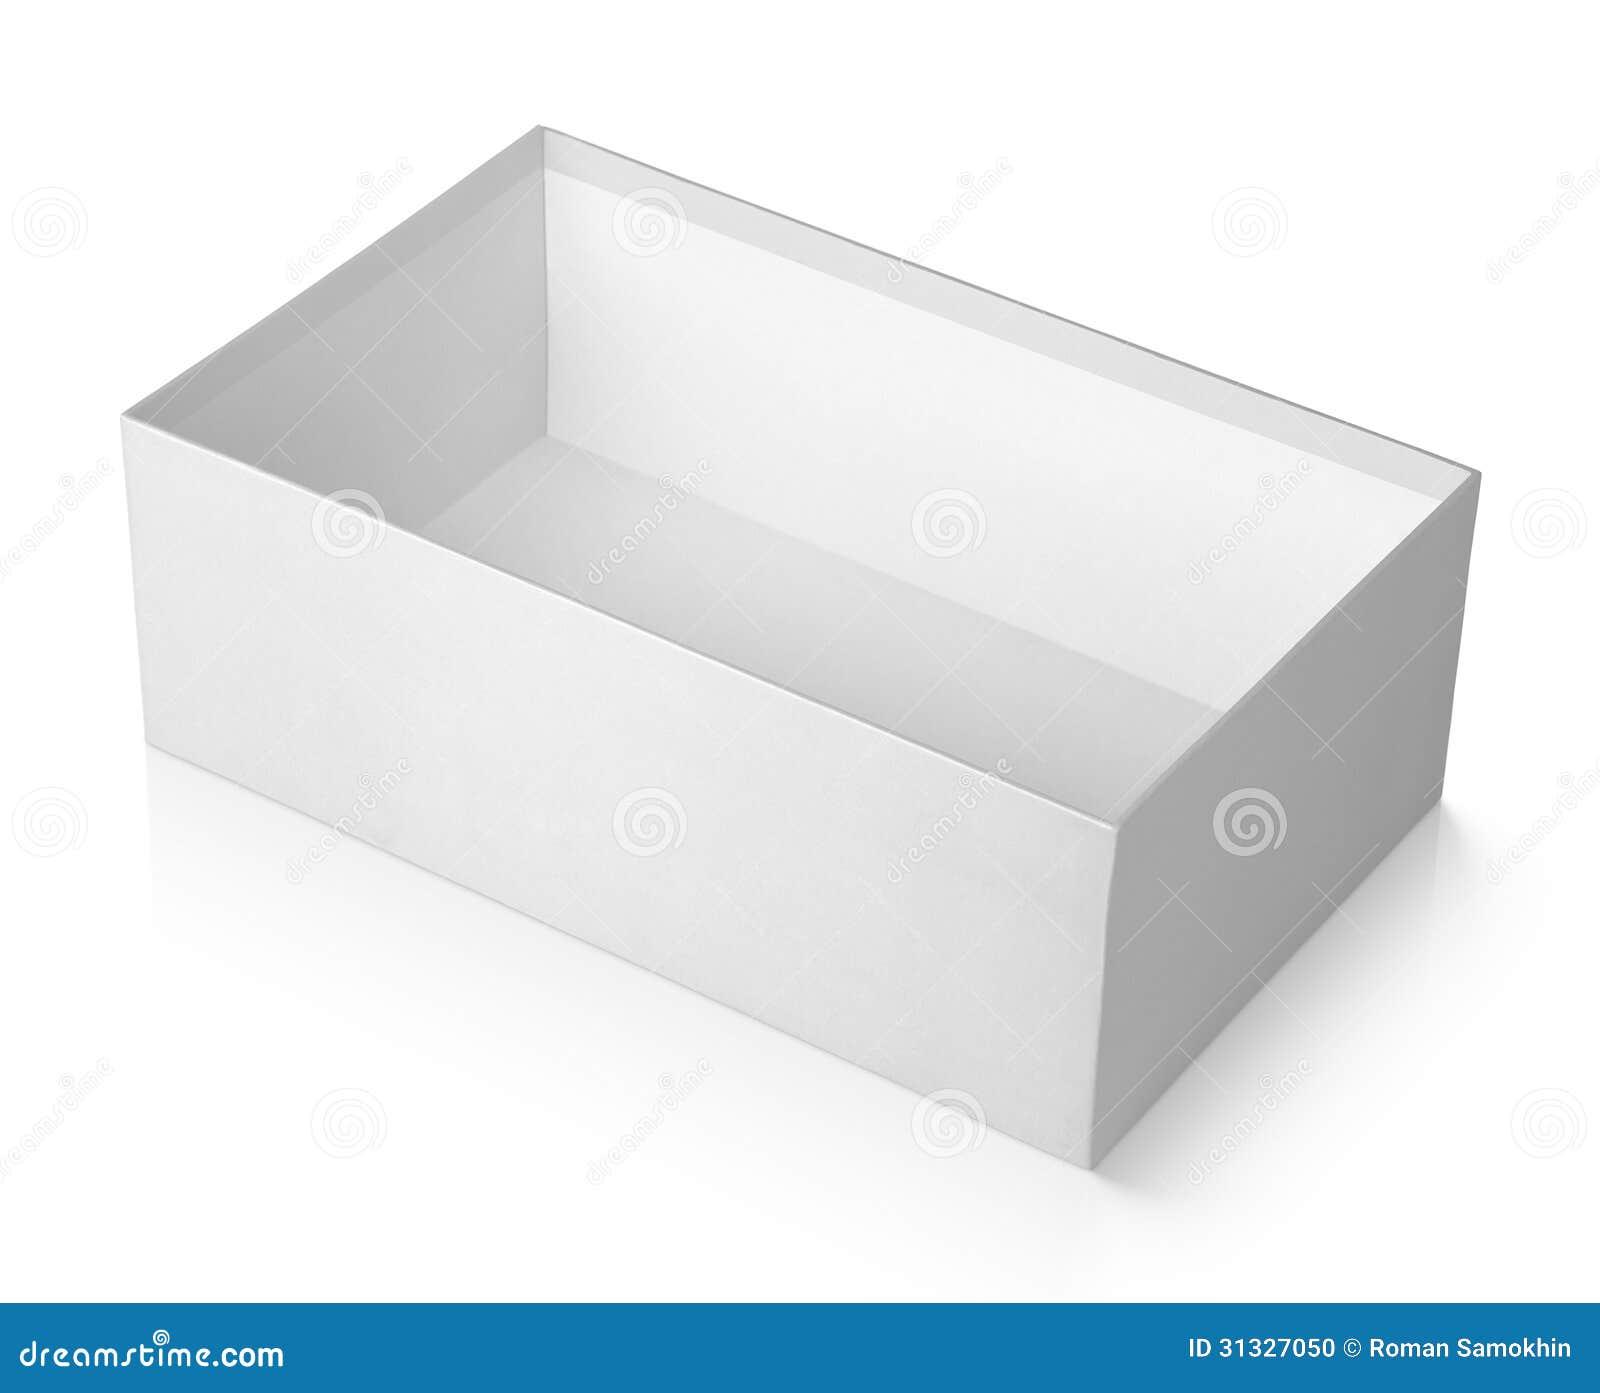 Open Shoe Box Isolated On White Stock Photo - Image: 31327050